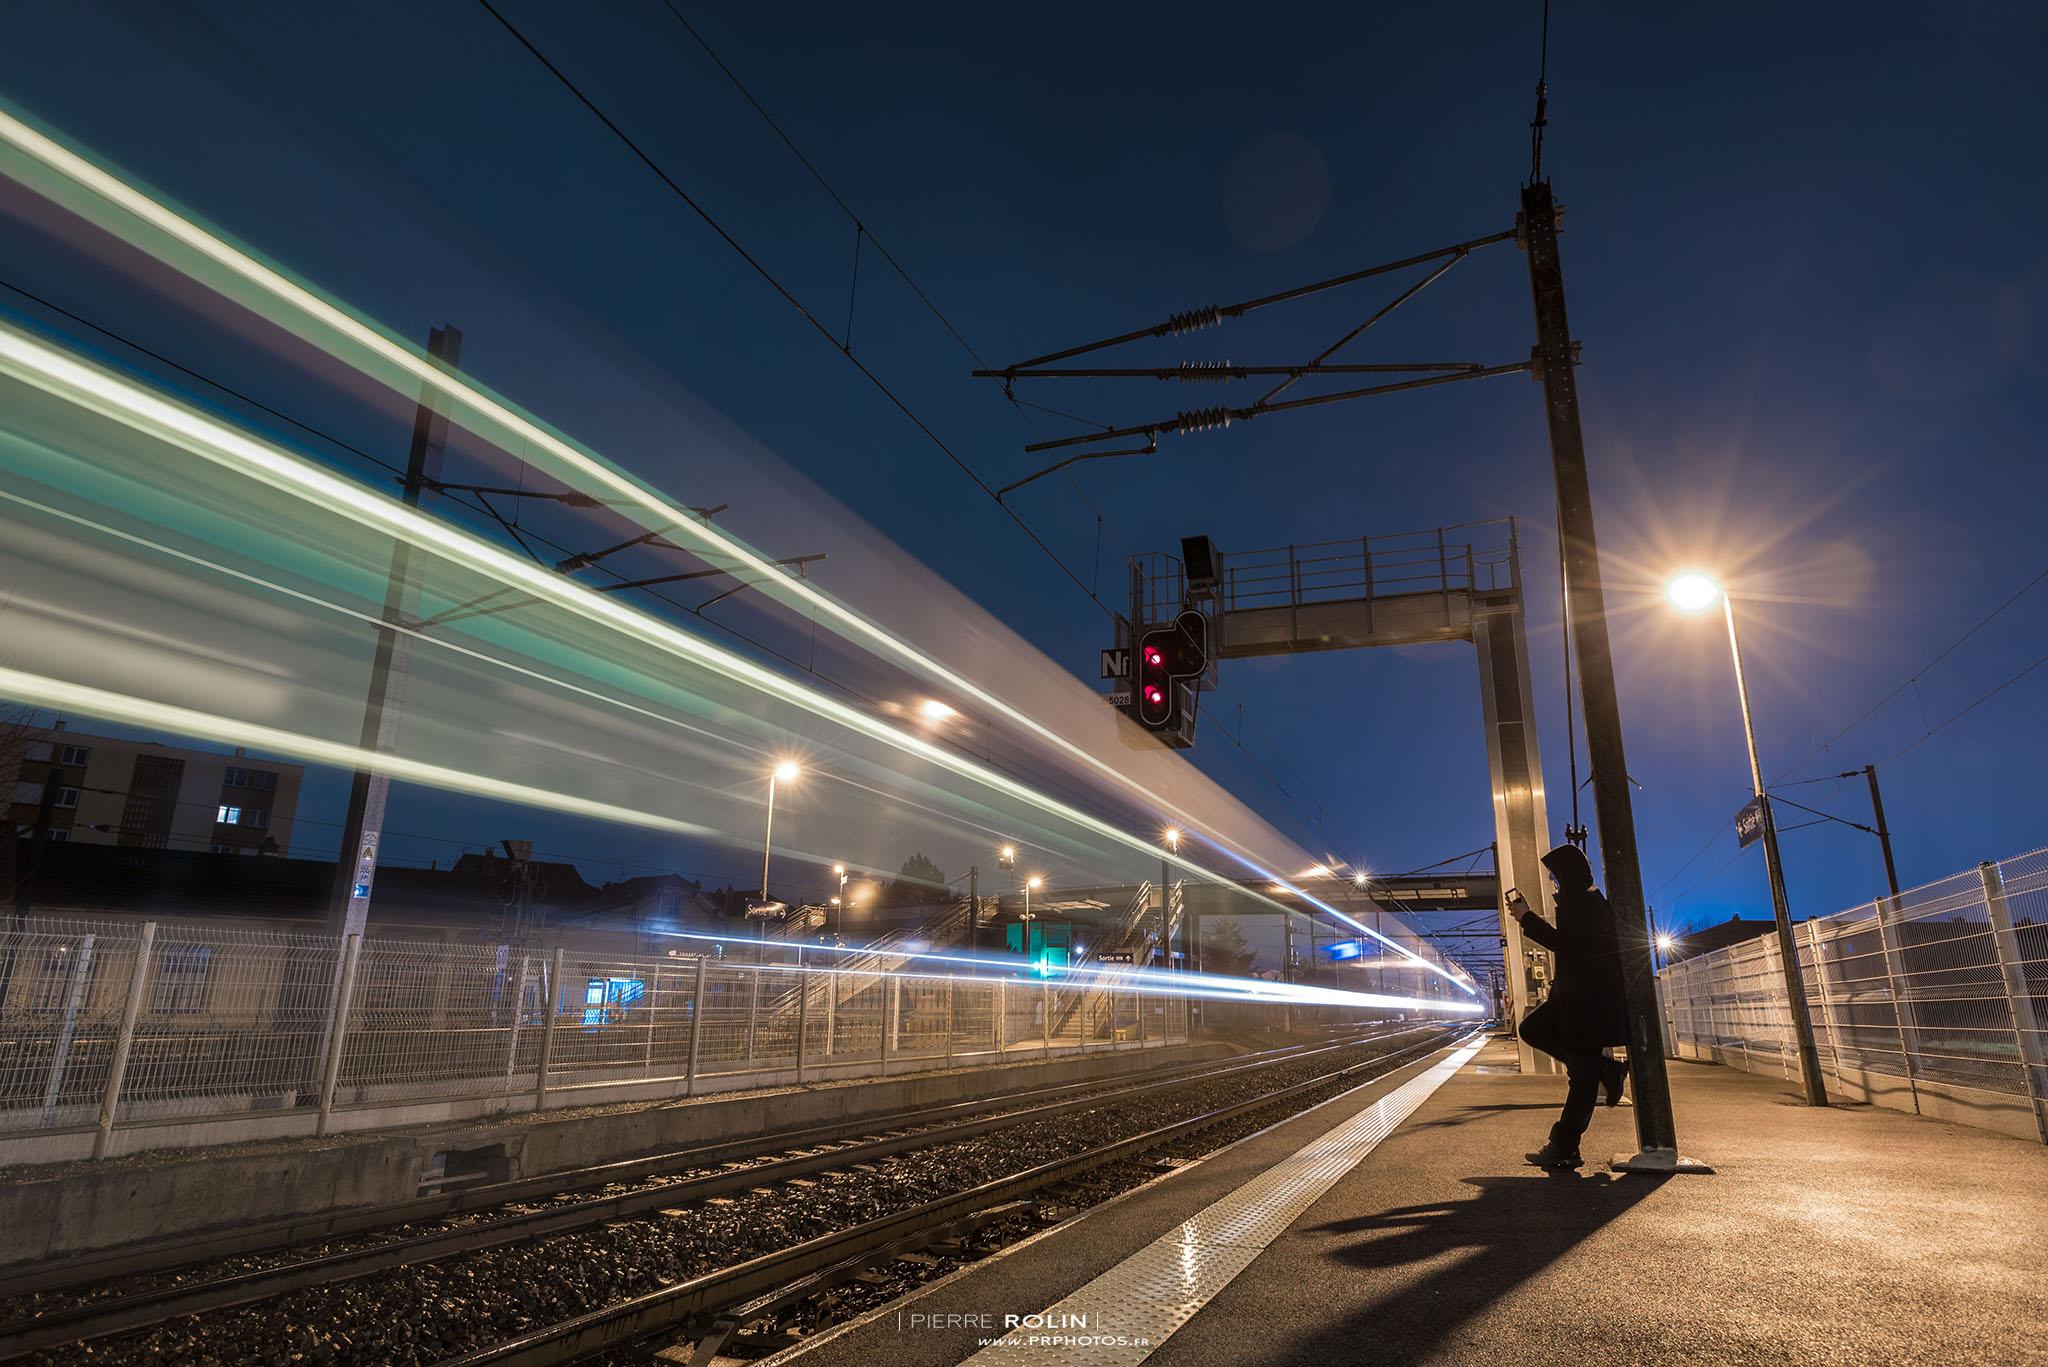 Pose longue en gare | Paysage de nuit © Pierre ROLIN - Photographe Nancy - Lorraine / Grand Est